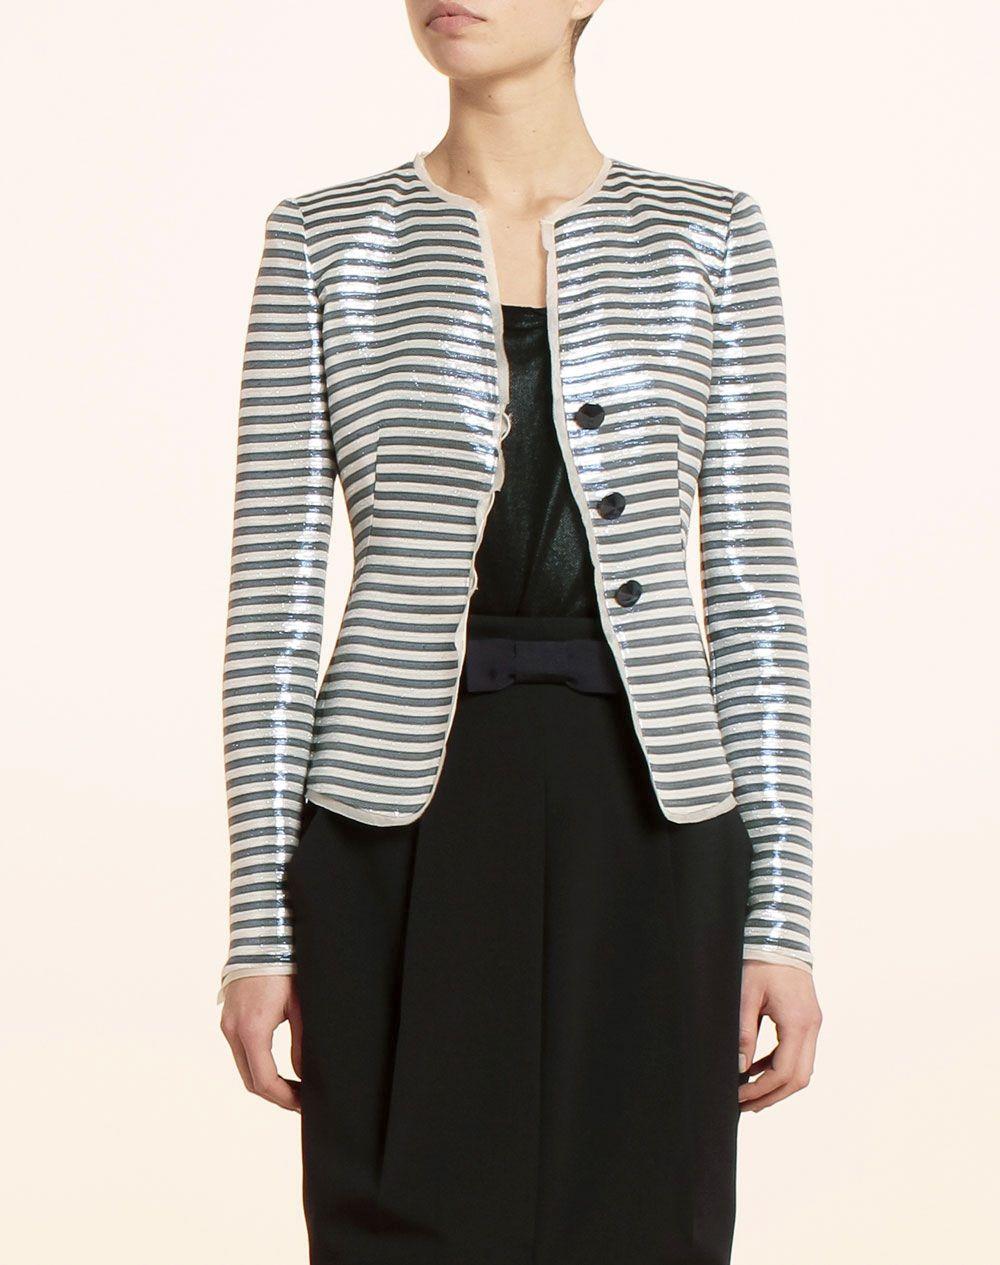 5f142217a8 Chaqueta de mujer Armani Collezioni - Mujer - Chaquetas y Blazers - El  Corte Inglés - Moda